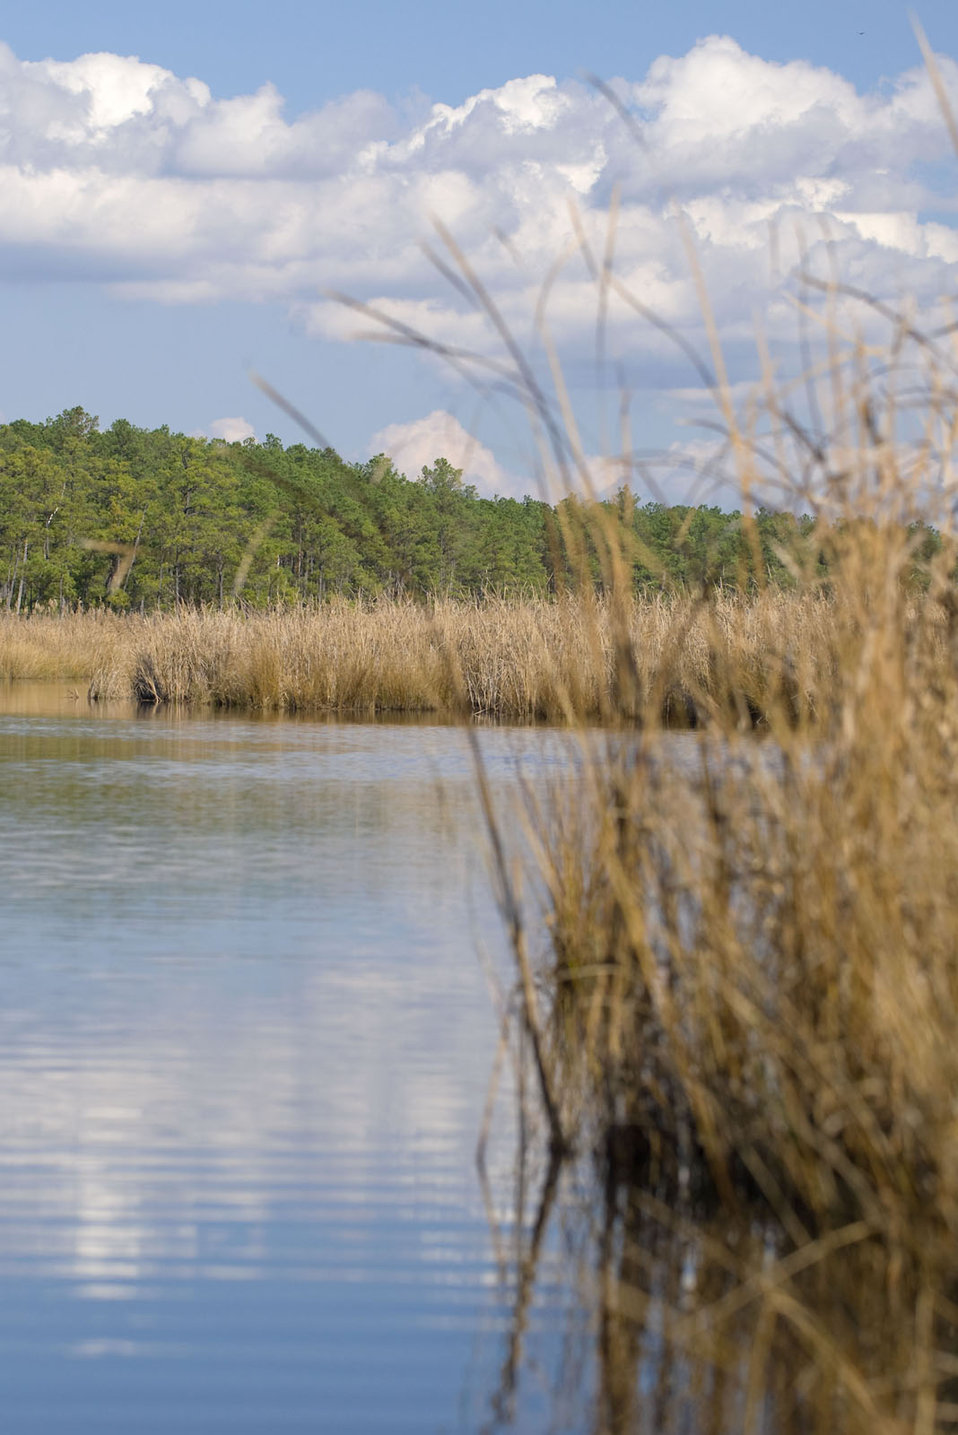 Wetlands Help Recharge Groundwater